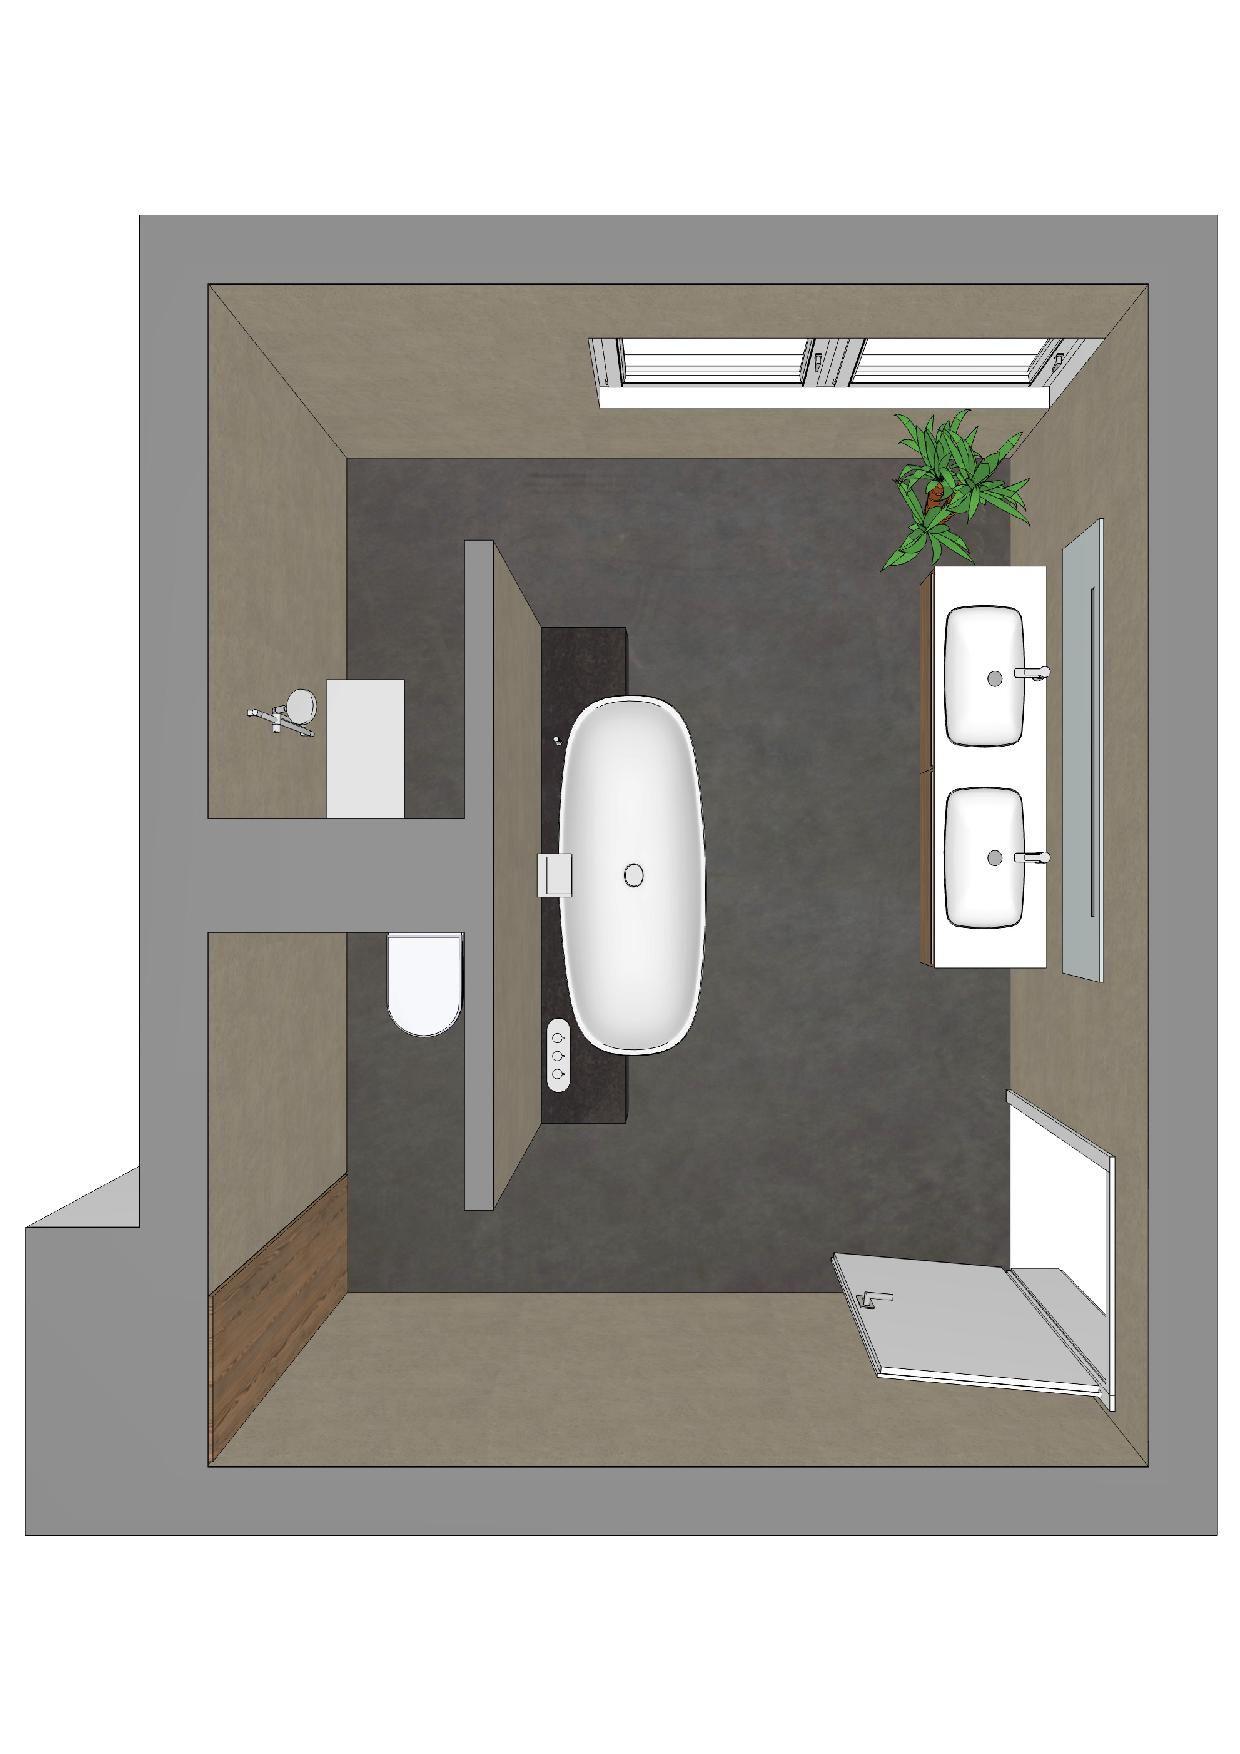 Badezimmerplanung Mit T Losung Badarchitektur Gut Geplant